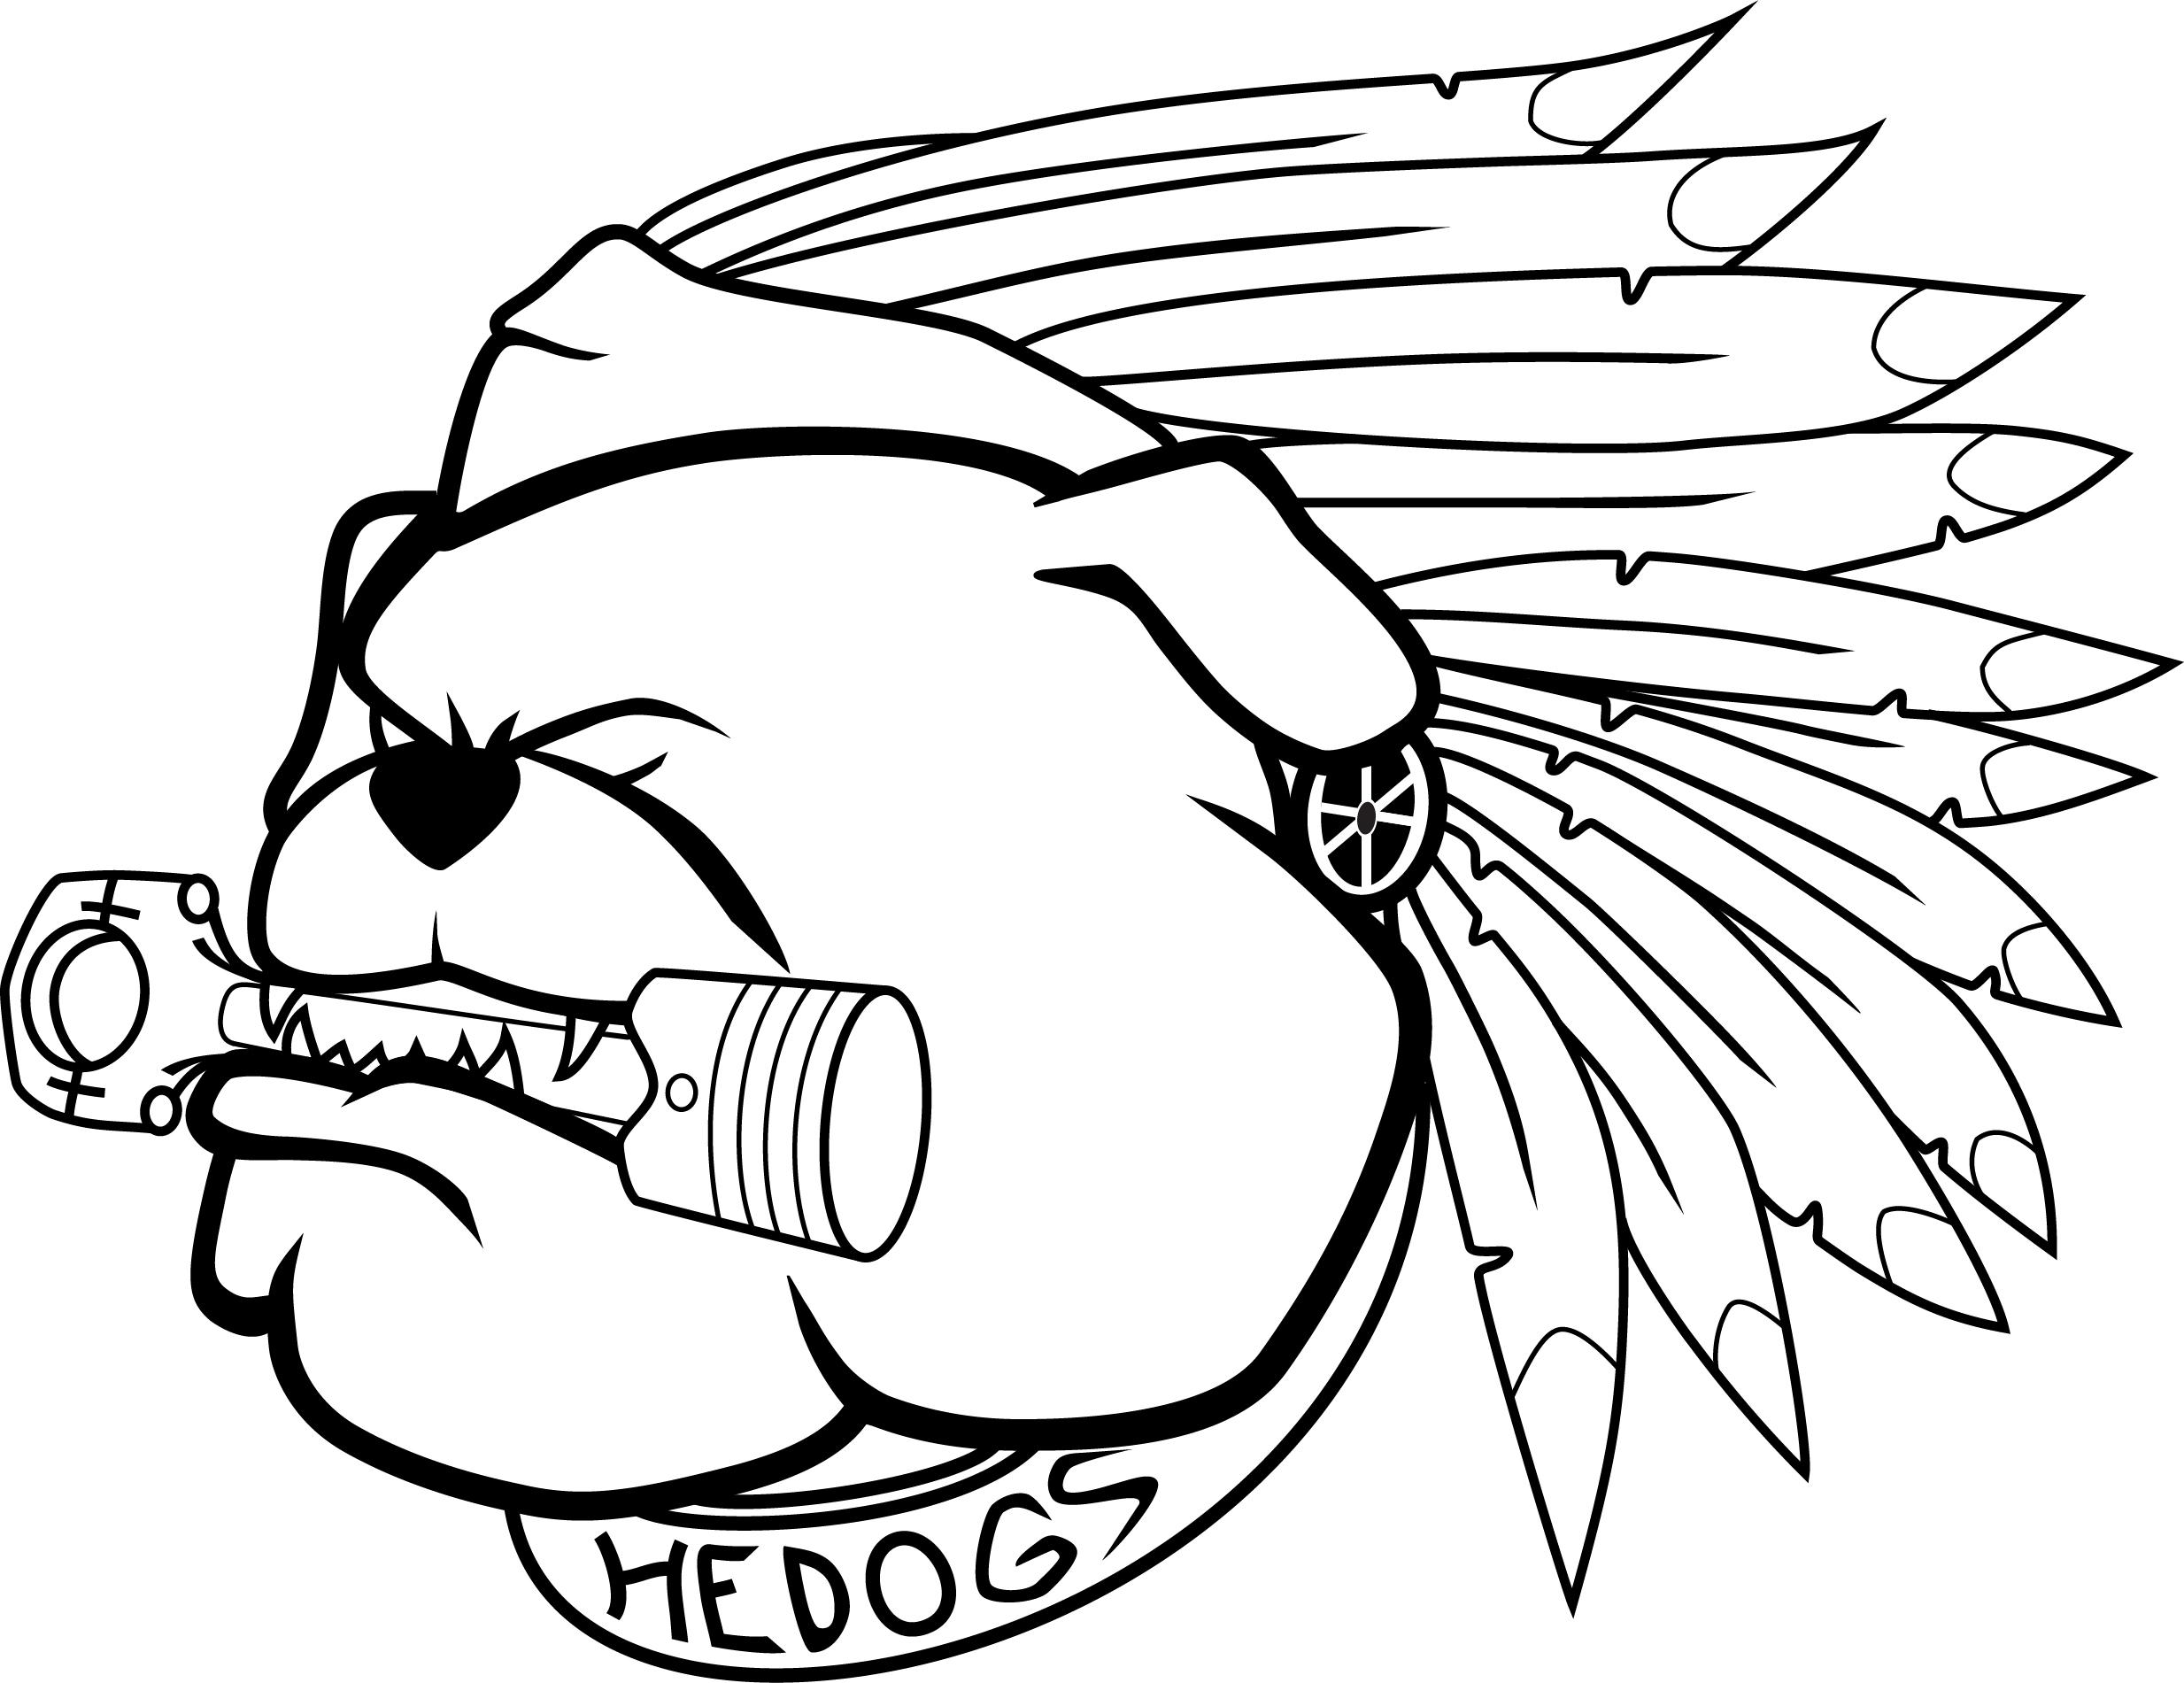 Hedogs Logo